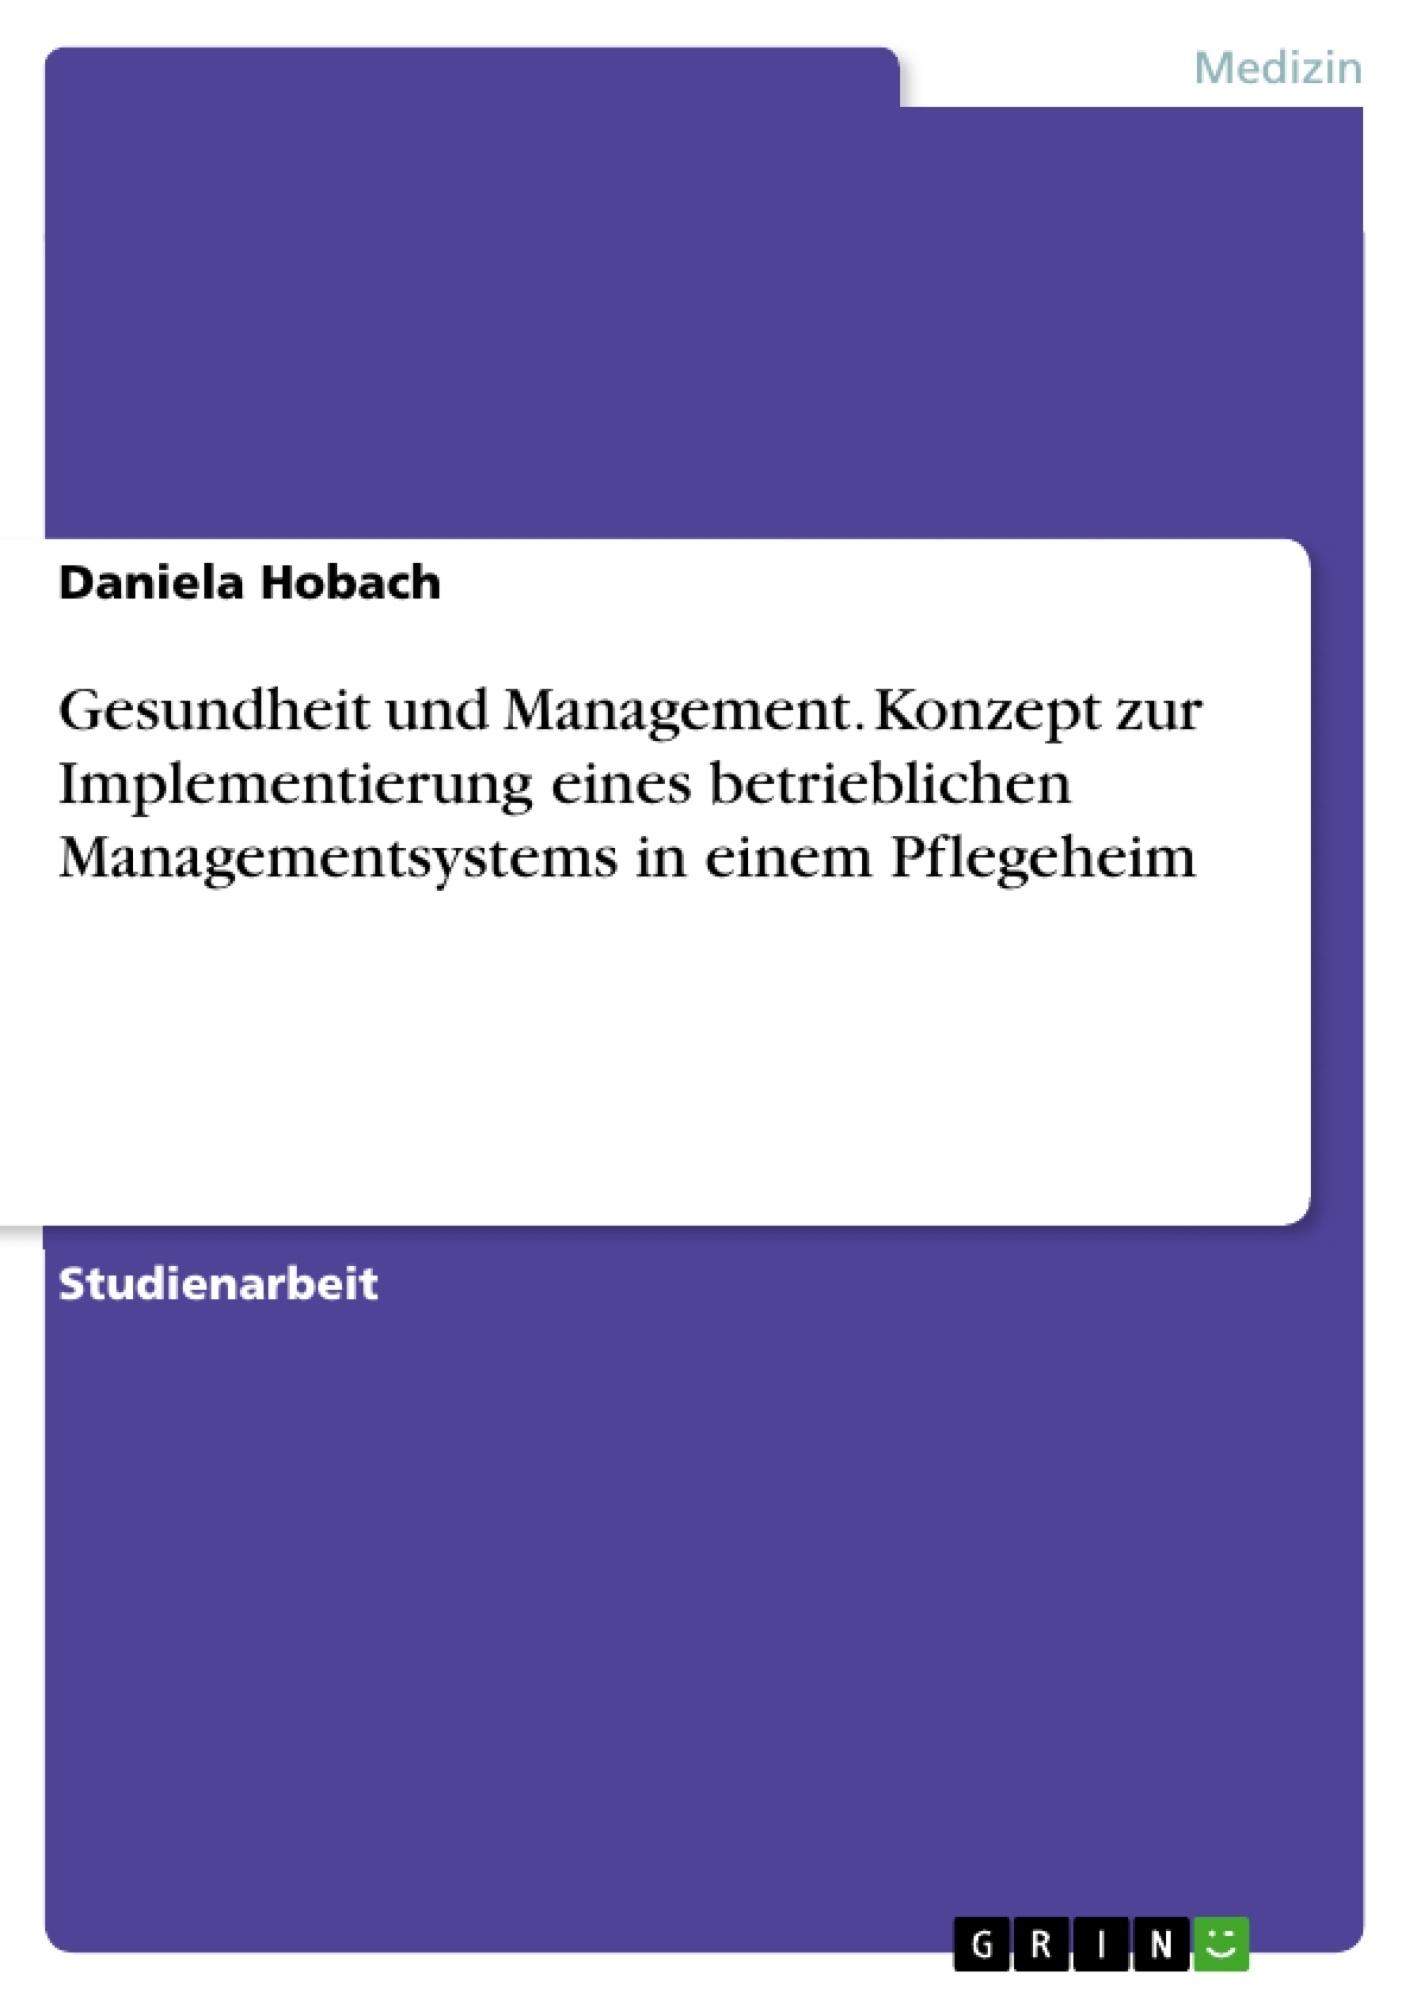 Titel: Gesundheit und Management. Konzept zur Implementierung eines betrieblichen Managementsystems in einem Pflegeheim